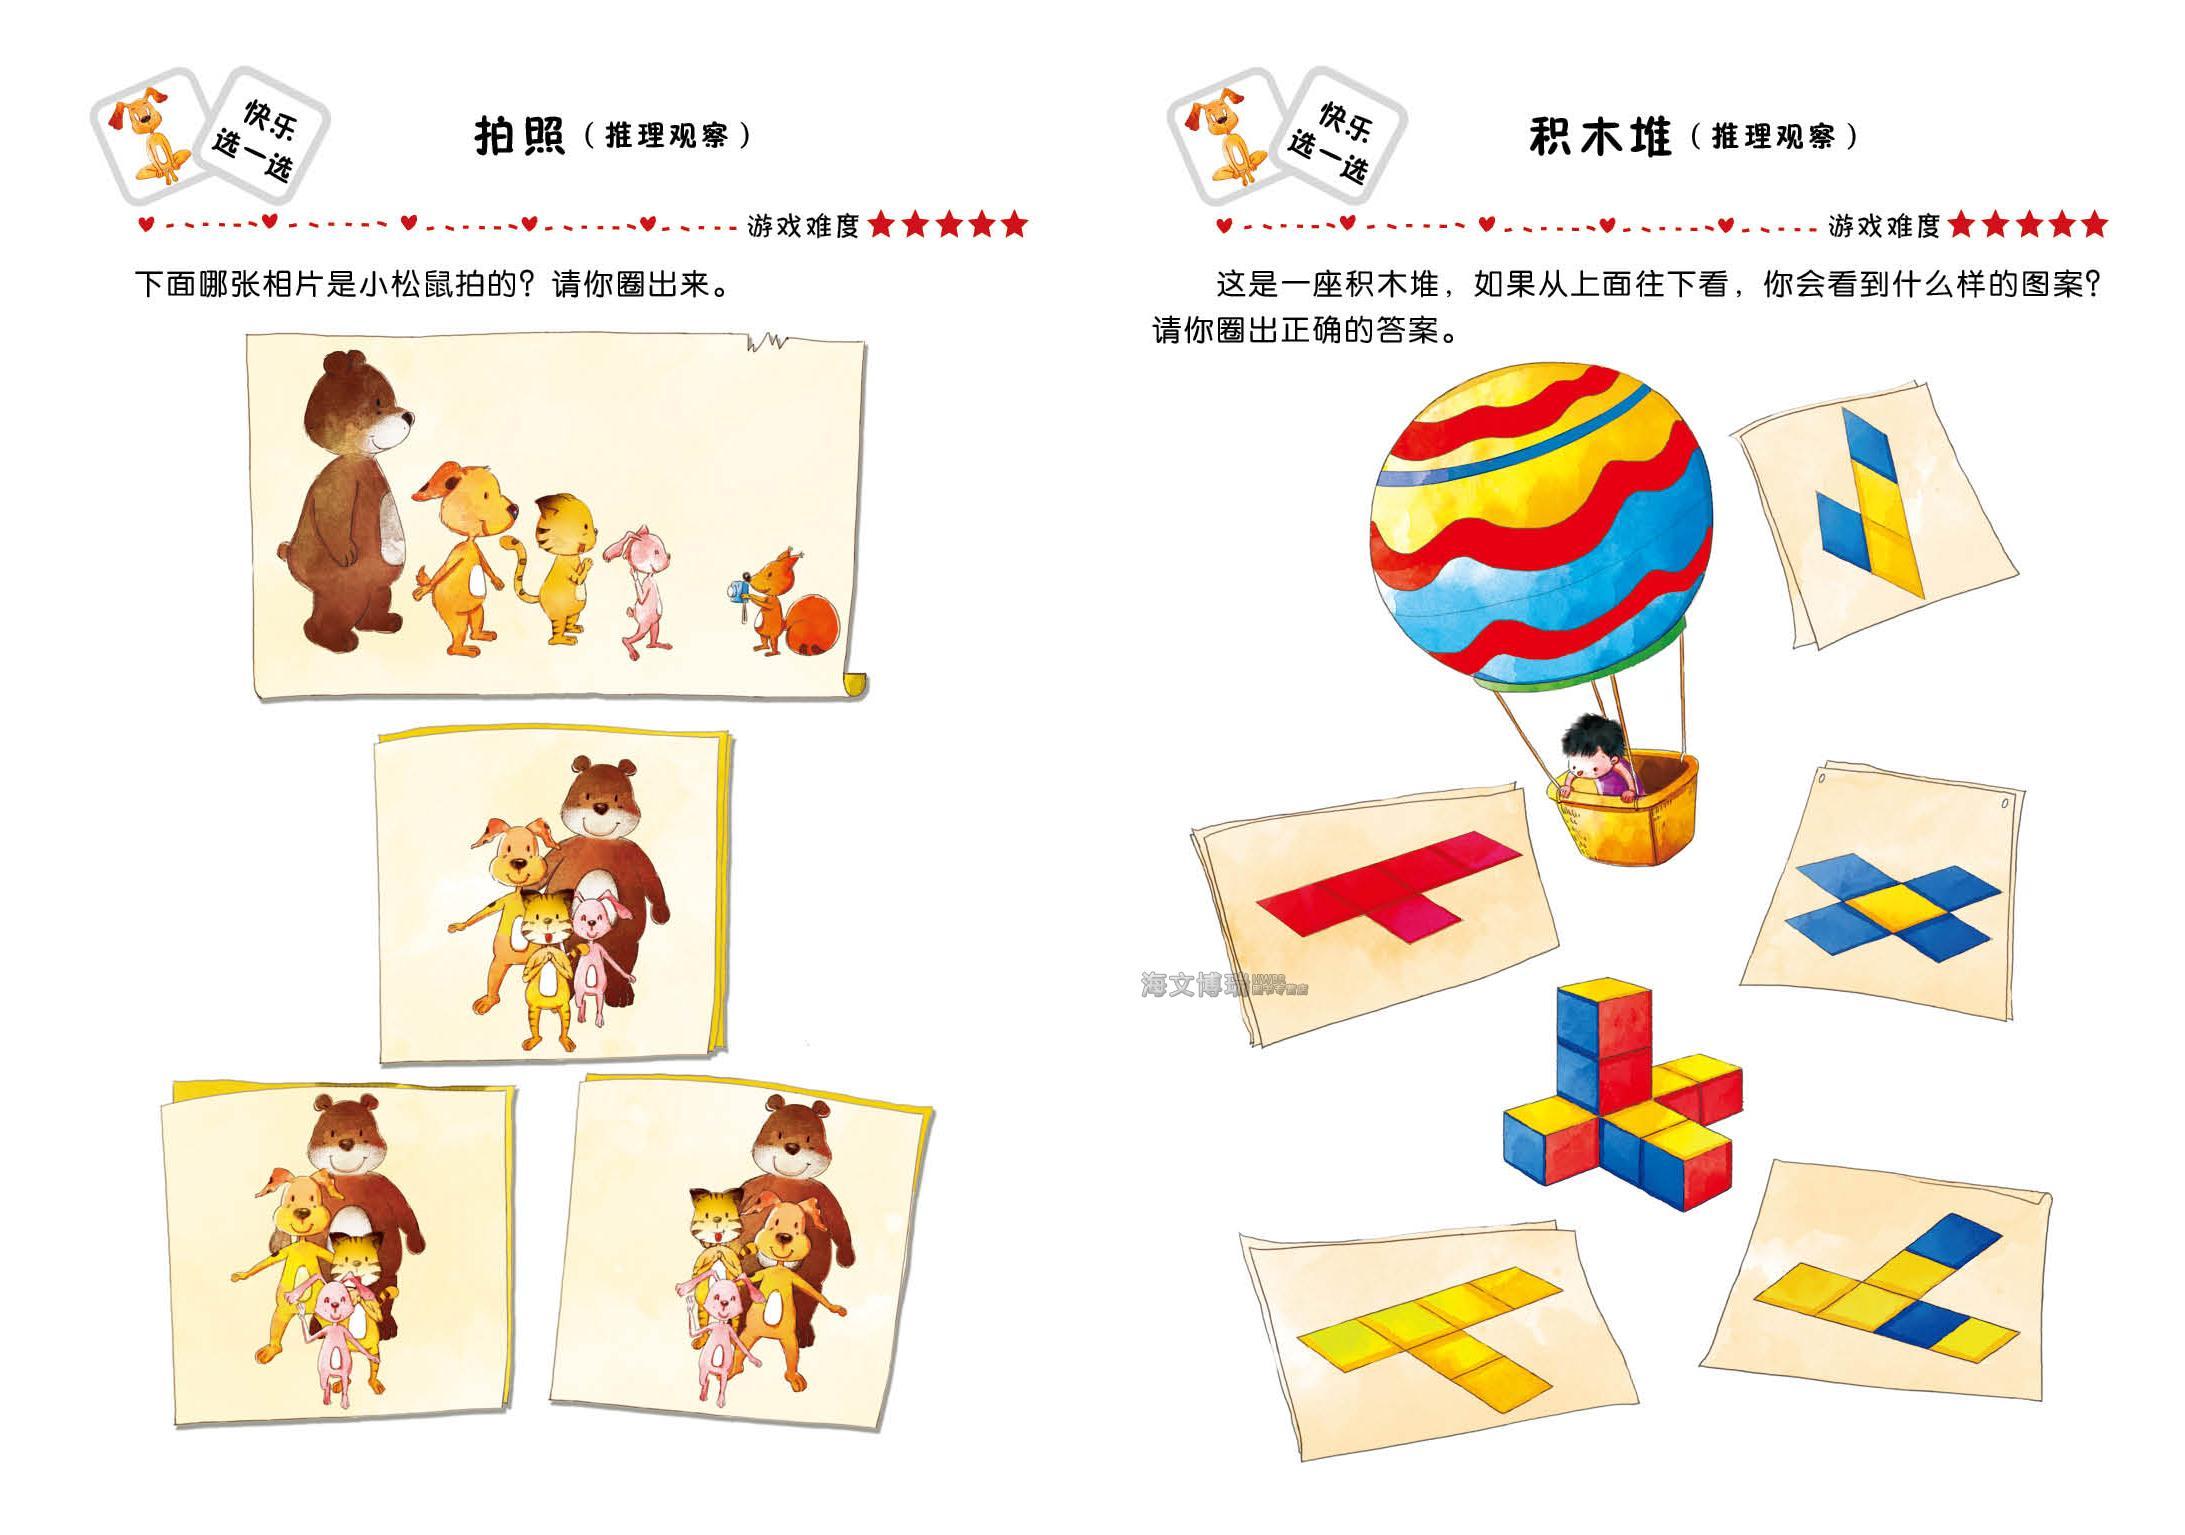 真果果观察力训练 3-6岁 潜能游戏 儿童认知 想象 推理 畅销童书